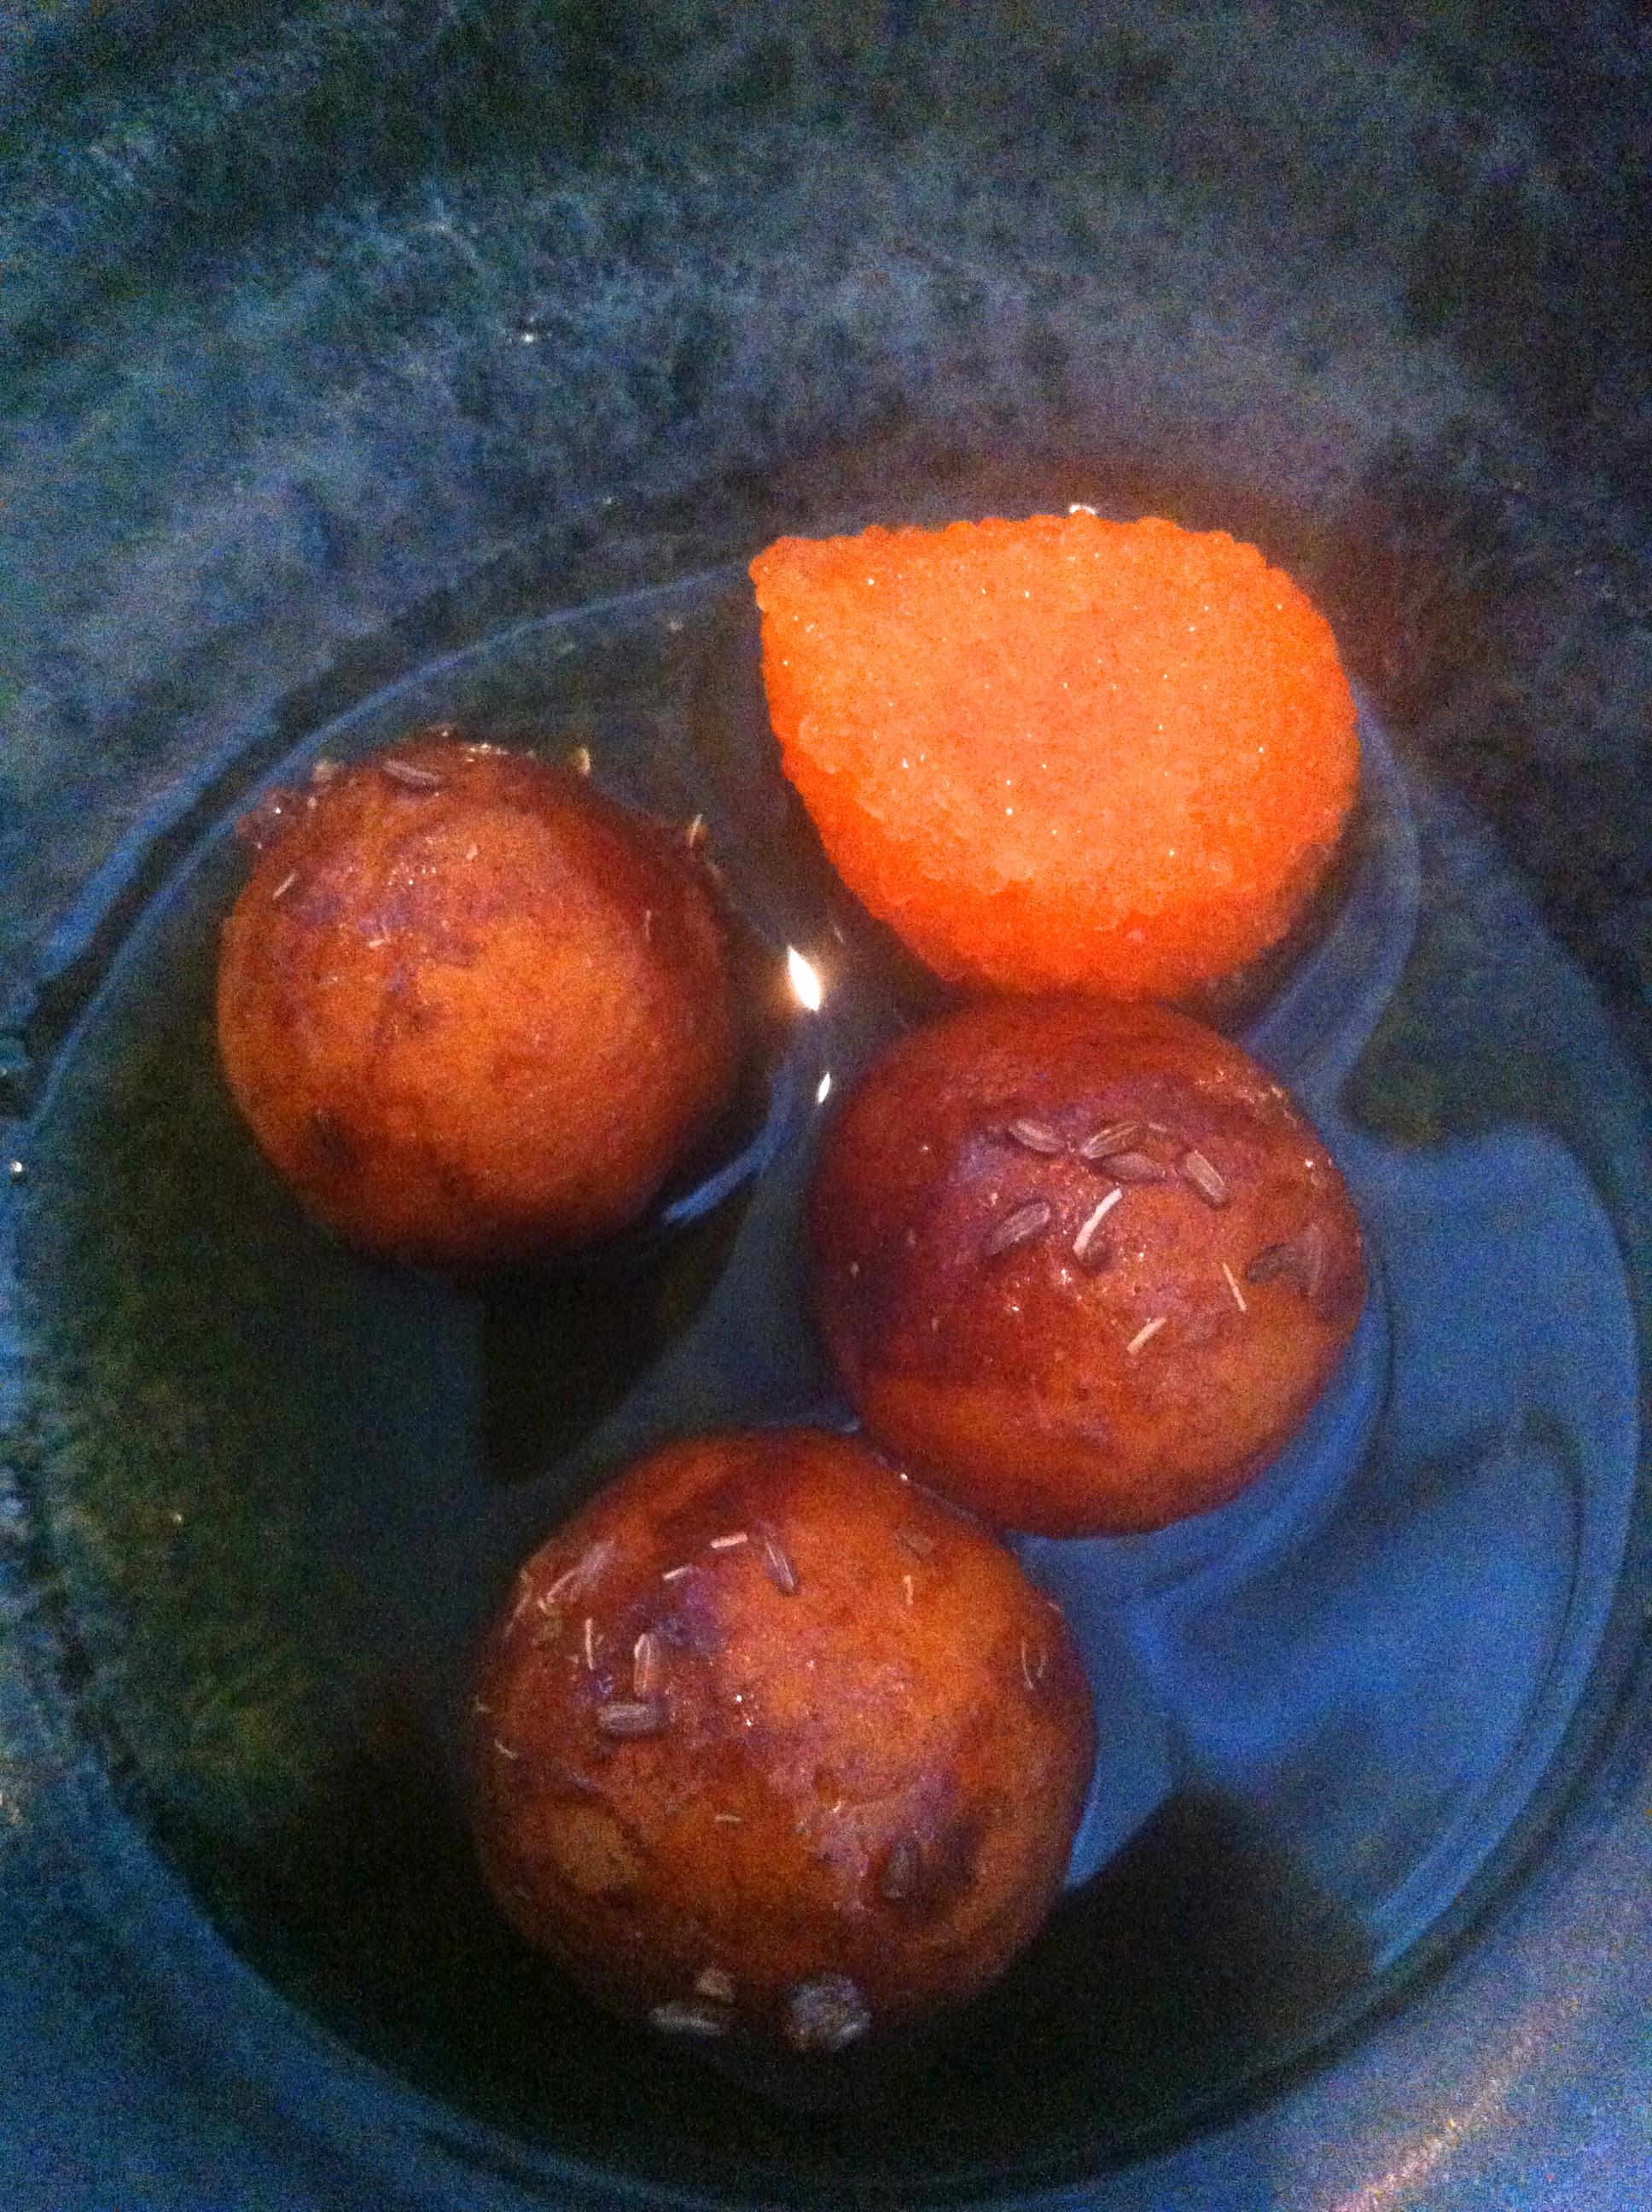 En klar favoritt - ganske harde potetballer av dansk cherrypotet, penslet med råtten bygg, og servert i en olje med løyrom. Det høres jo unektelig helt galt ut - men det var altså merkelig tilfredstillende.